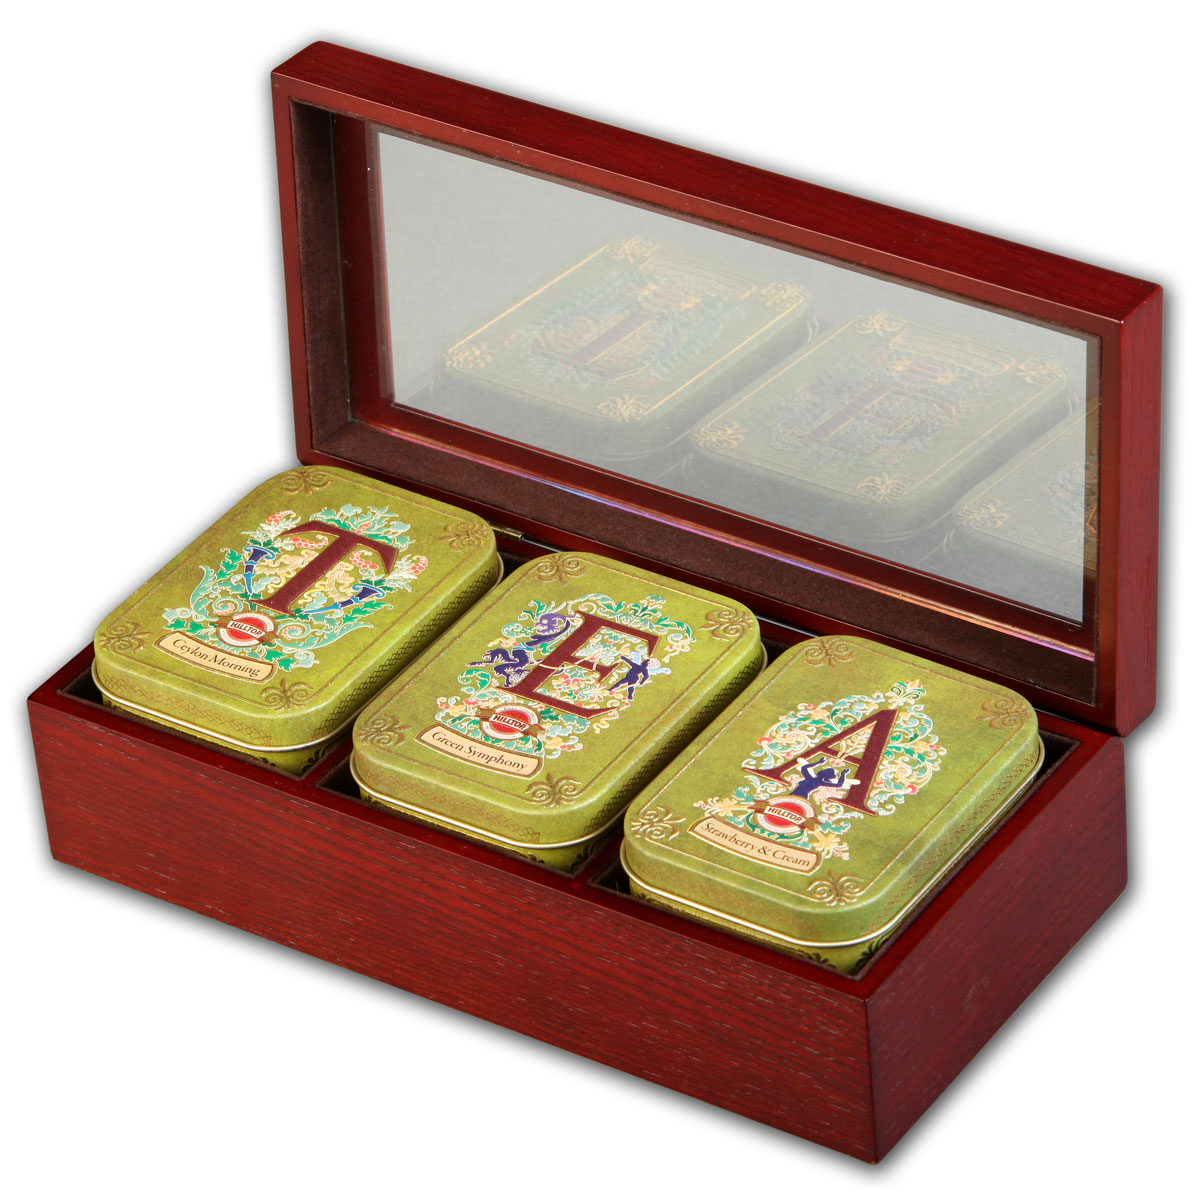 Hilltop Tea набор зеленого и черного листового чая в подарочной шкатулке, 150 г4607099303072Hilltop Tea - все, что нужно для удовольствия от чаепития. Деревянная шкатулка со стеклянной крышкой скрывает в себе три жестяные чайницы с великолепными вкусами! Отличный подарок для истинных ценителей чая.Цейлонское утро — классический цейлонский черный чай с терпким вкусом, мягким ароматом и тонизирующими свойствами. Отлично дополняет завтрак или праздничный сладкий стол.Зеленая симфония — китайский зеленый чай с добавлением лепестков календулы и мальвы и с ароматом тропического манго.Земляника со сливками — крупнолистовой черный чай с листьями и плодами земляники, и со вкусом свежих сливок. Классика ароматизированных чаев. Попробуйте охлажденным, с добавлением кусочков льда!